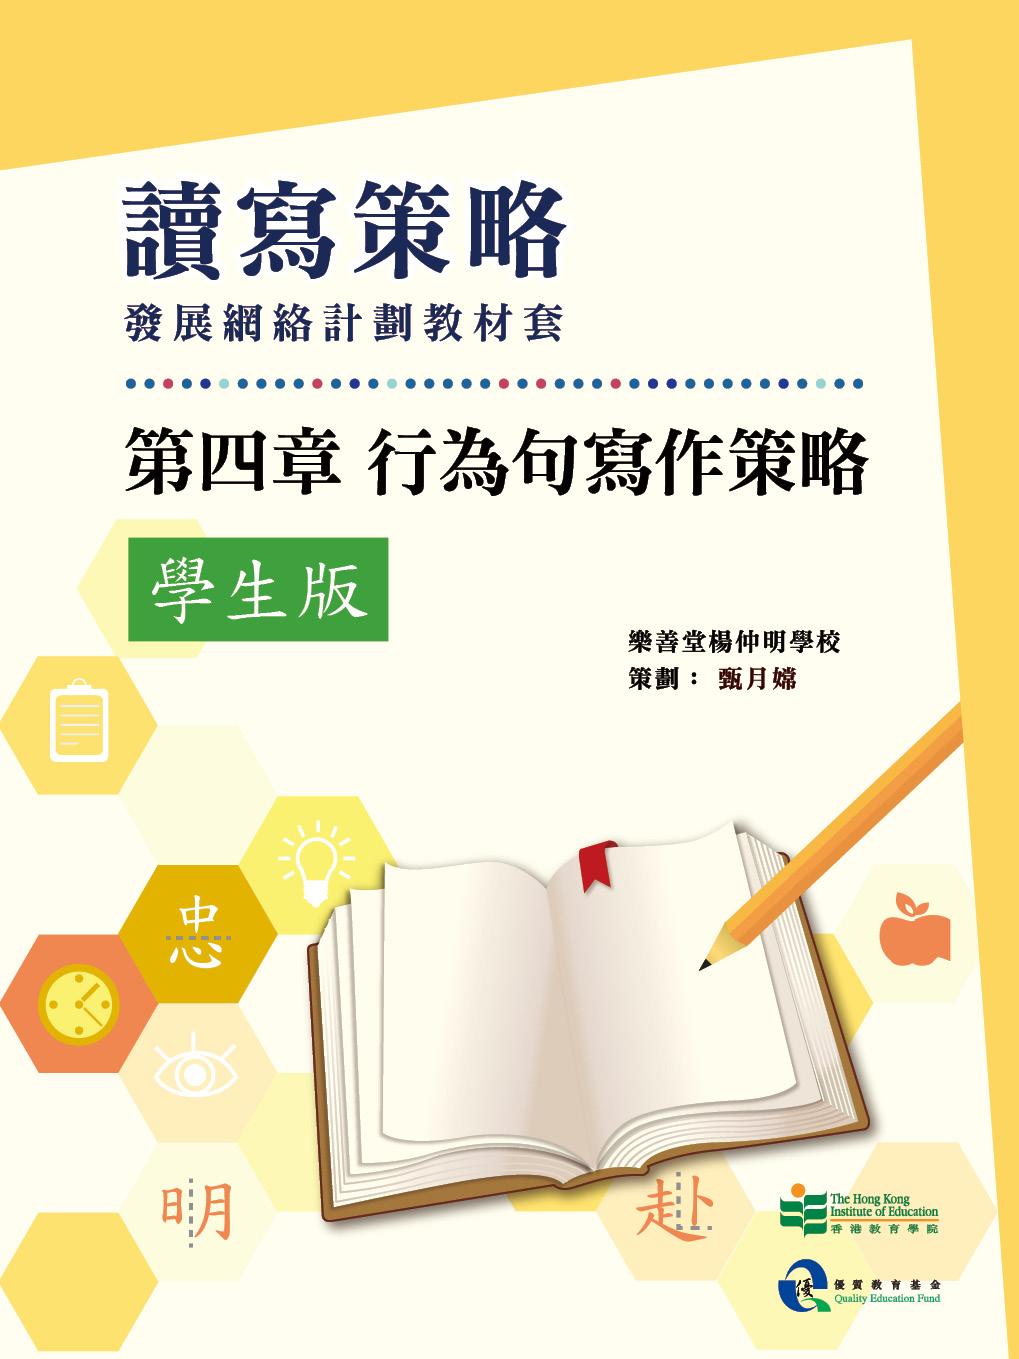 讀寫策略發展網絡計劃教材套 第四章 行為句寫作策略(學生版)